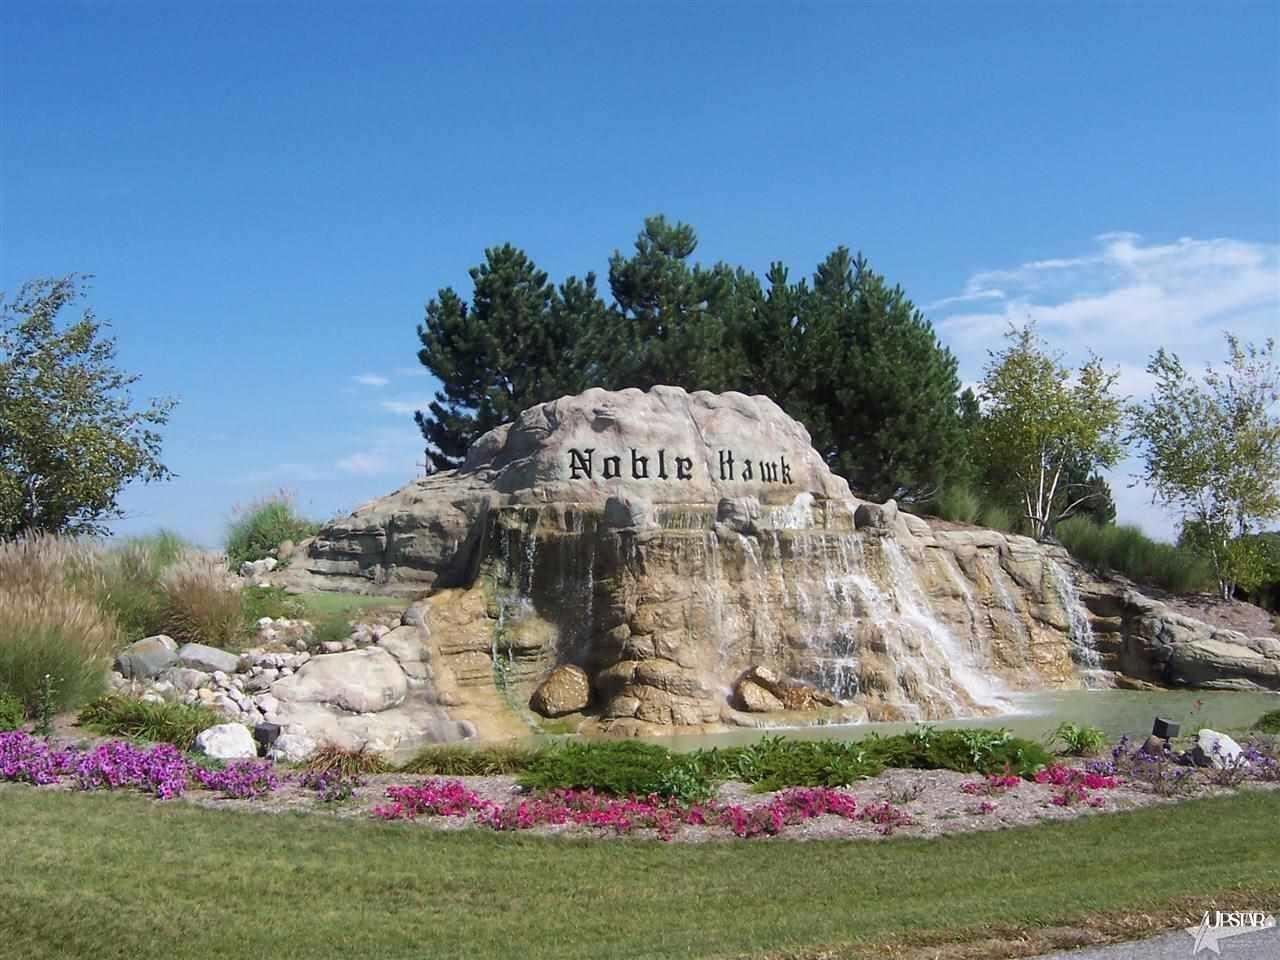 2903 Noble Hawk, Kendallville, IN 46755